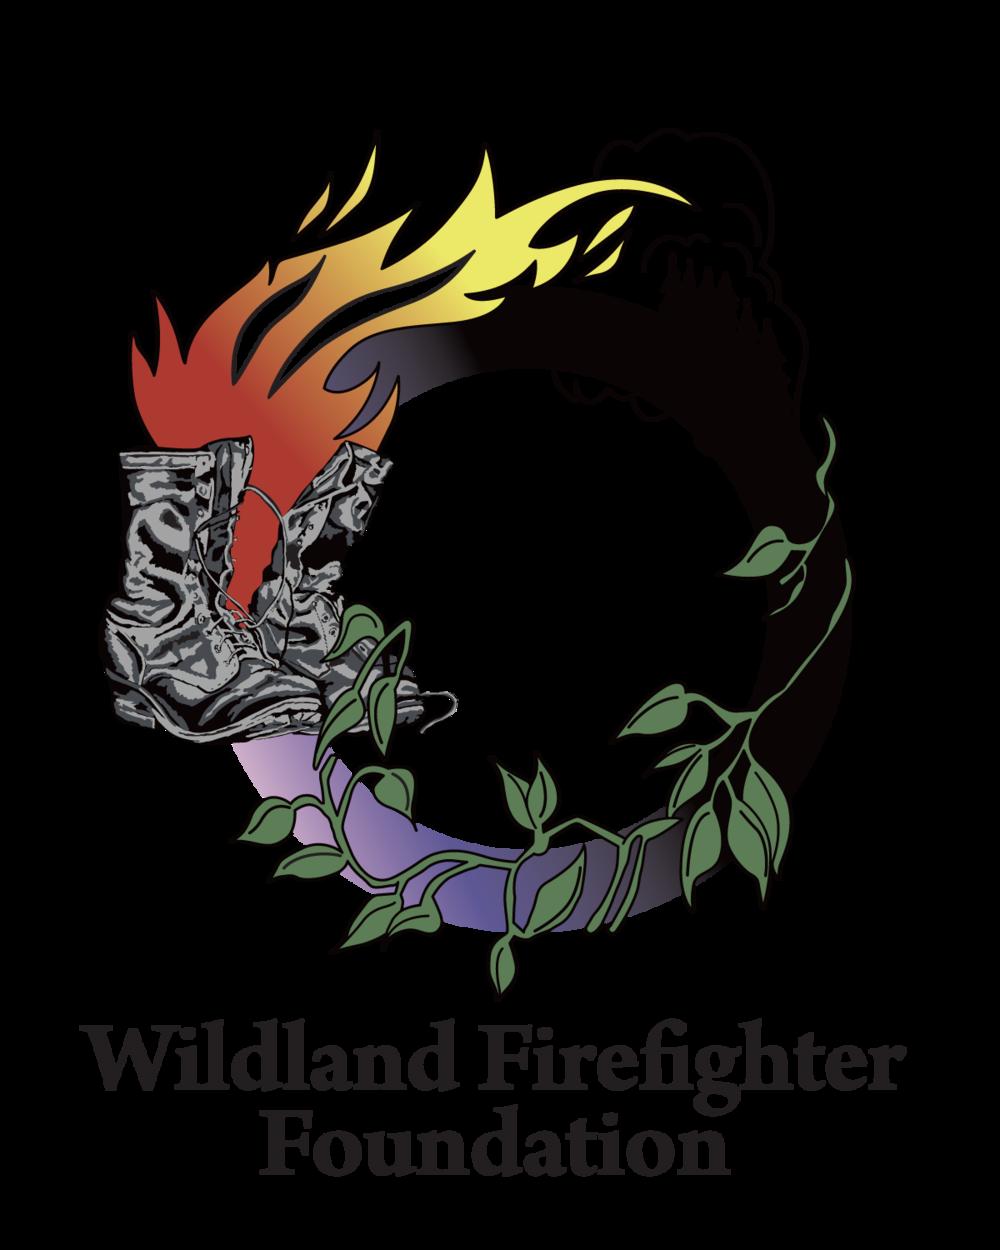 Wildland Firefighter Foundation